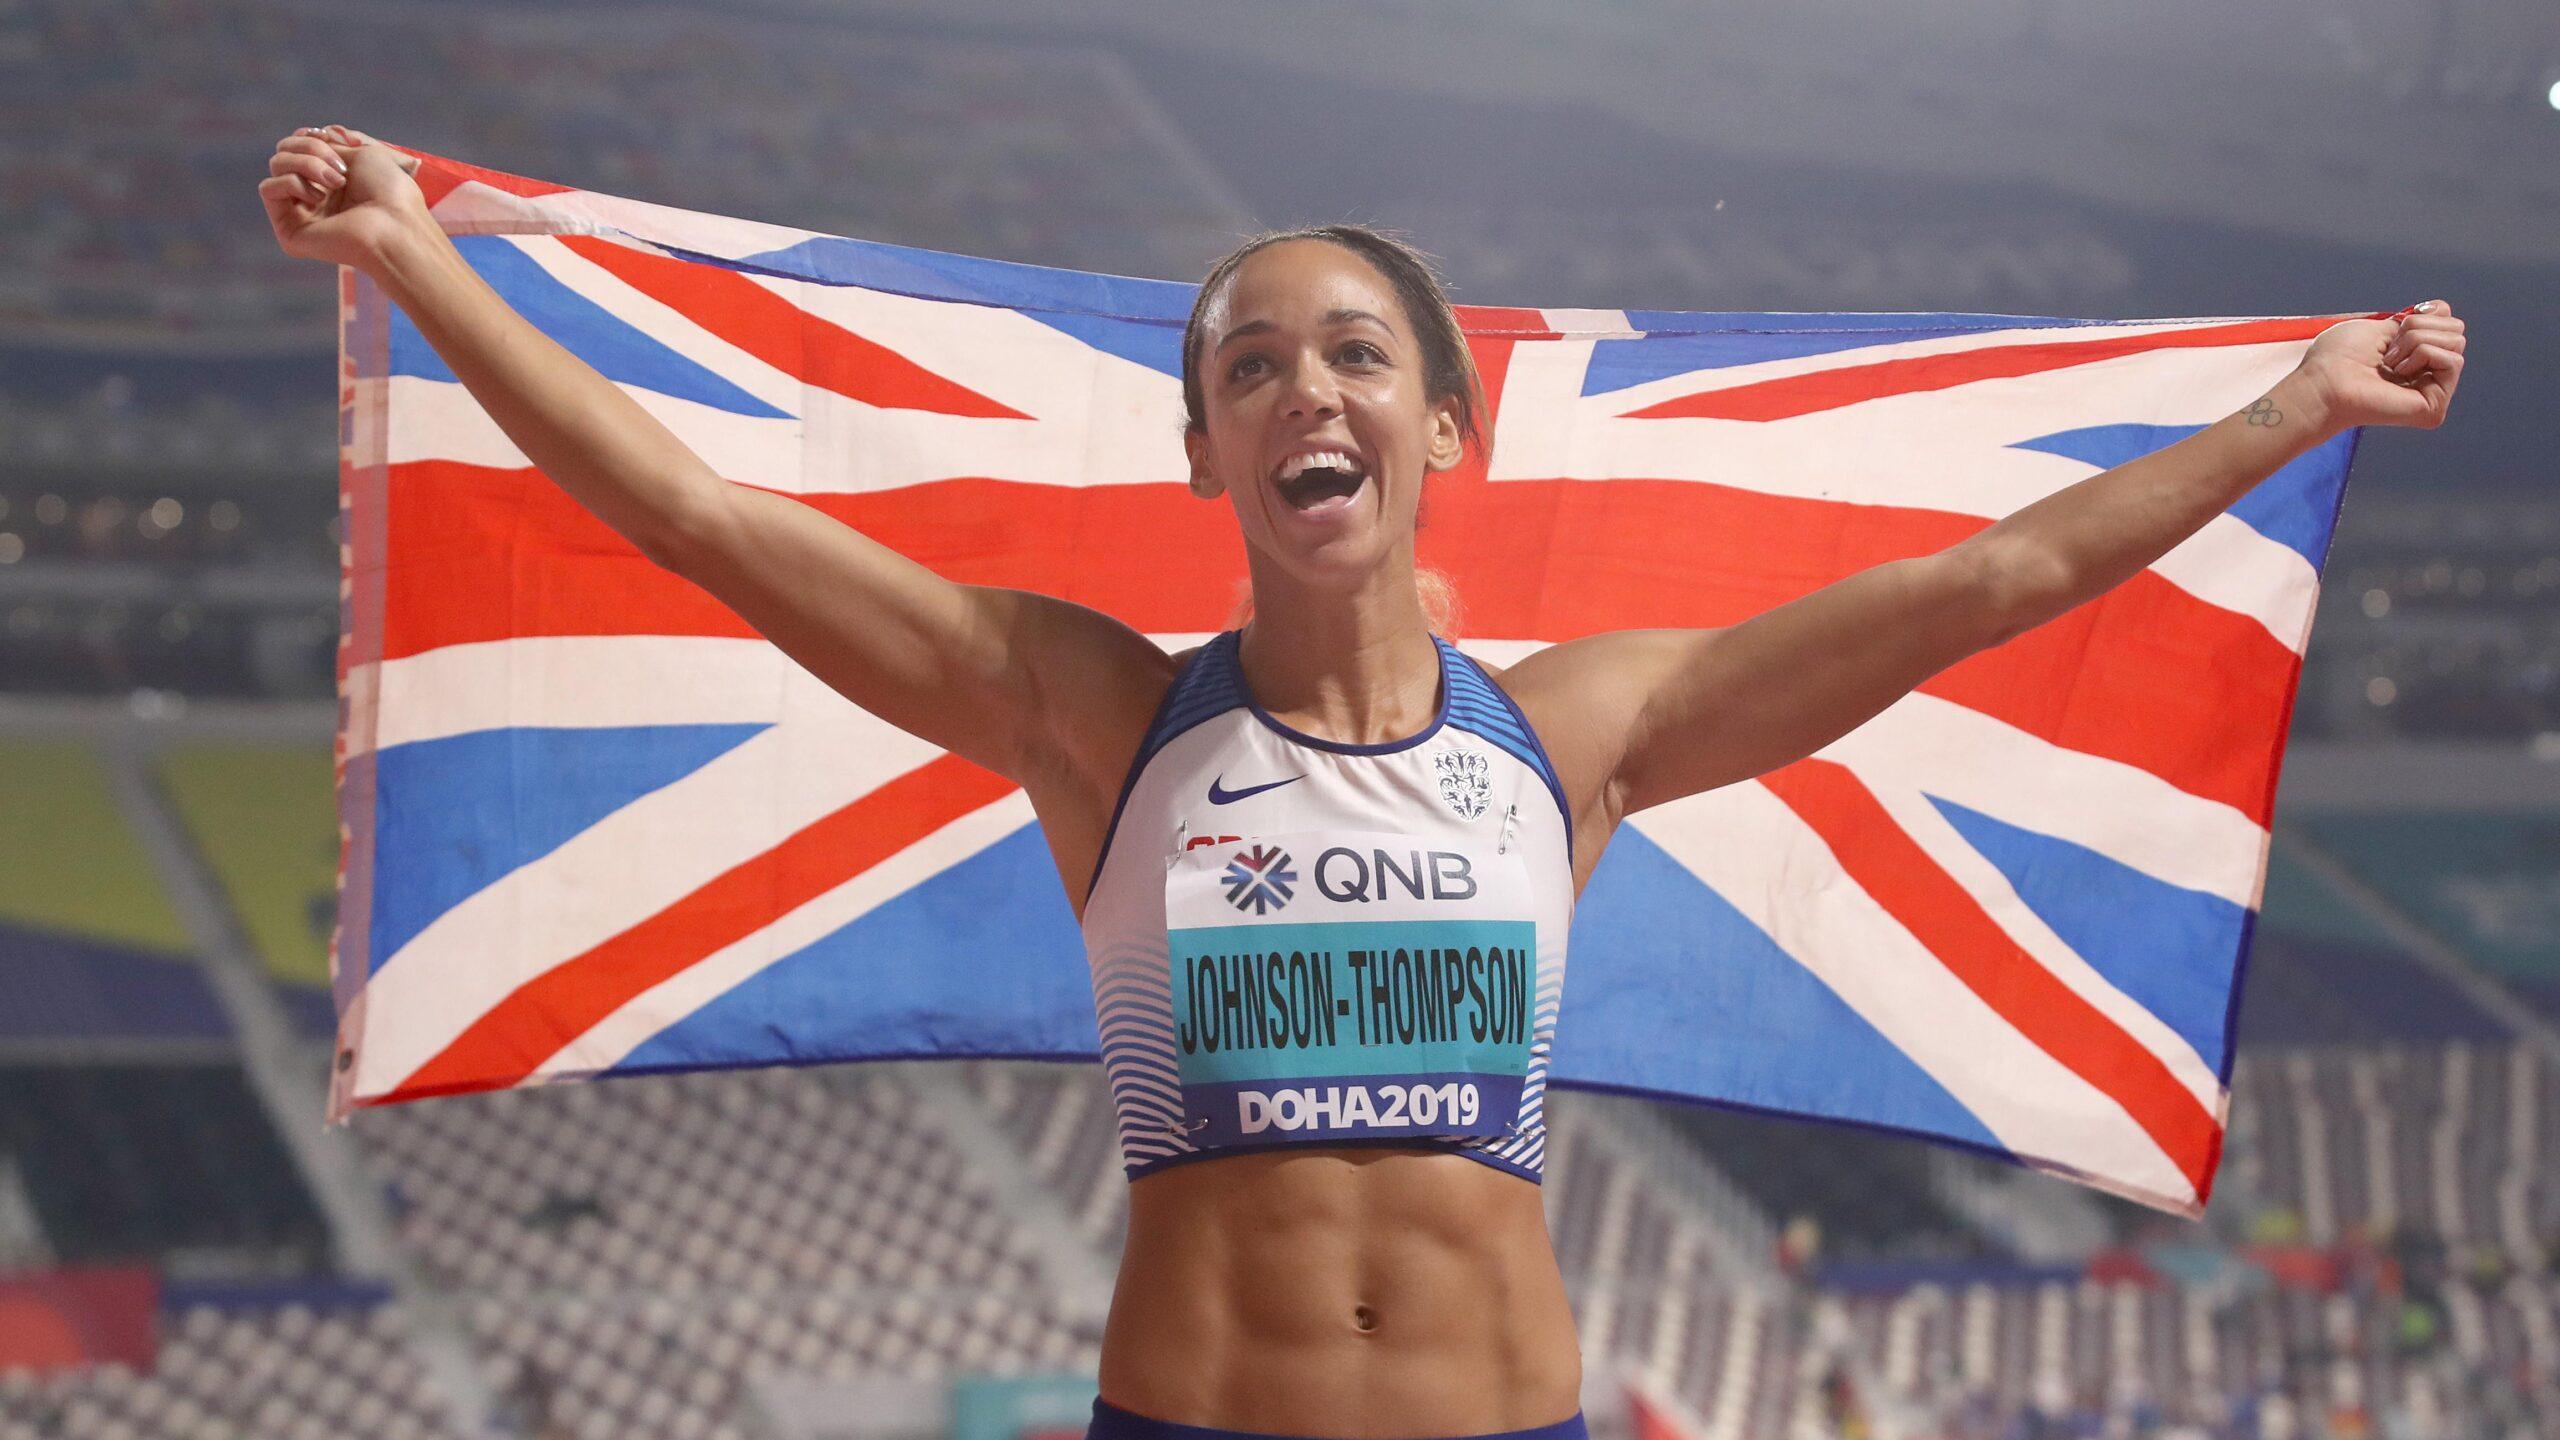 Atleta se lesiona e termina prova mancando; mulheres lideram momentos de superação e empatia nas Olimpíadas